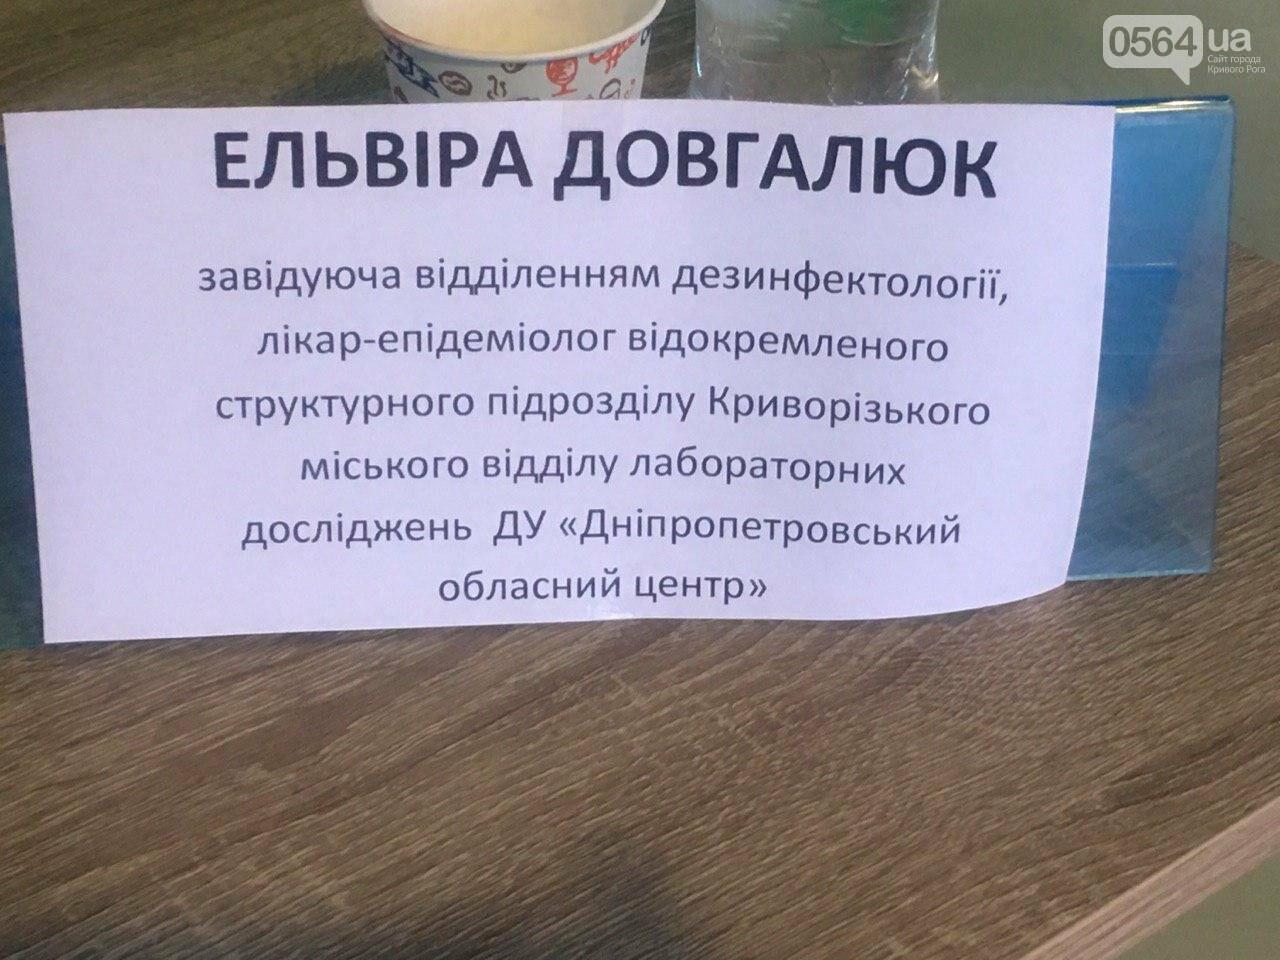 На Днепропетровщине в прошлом году 1 человек умер от лептоспироза. Криворожанам рассказали, как уберечься от болезни, - ФОТО, ВИДЕО , фото-11